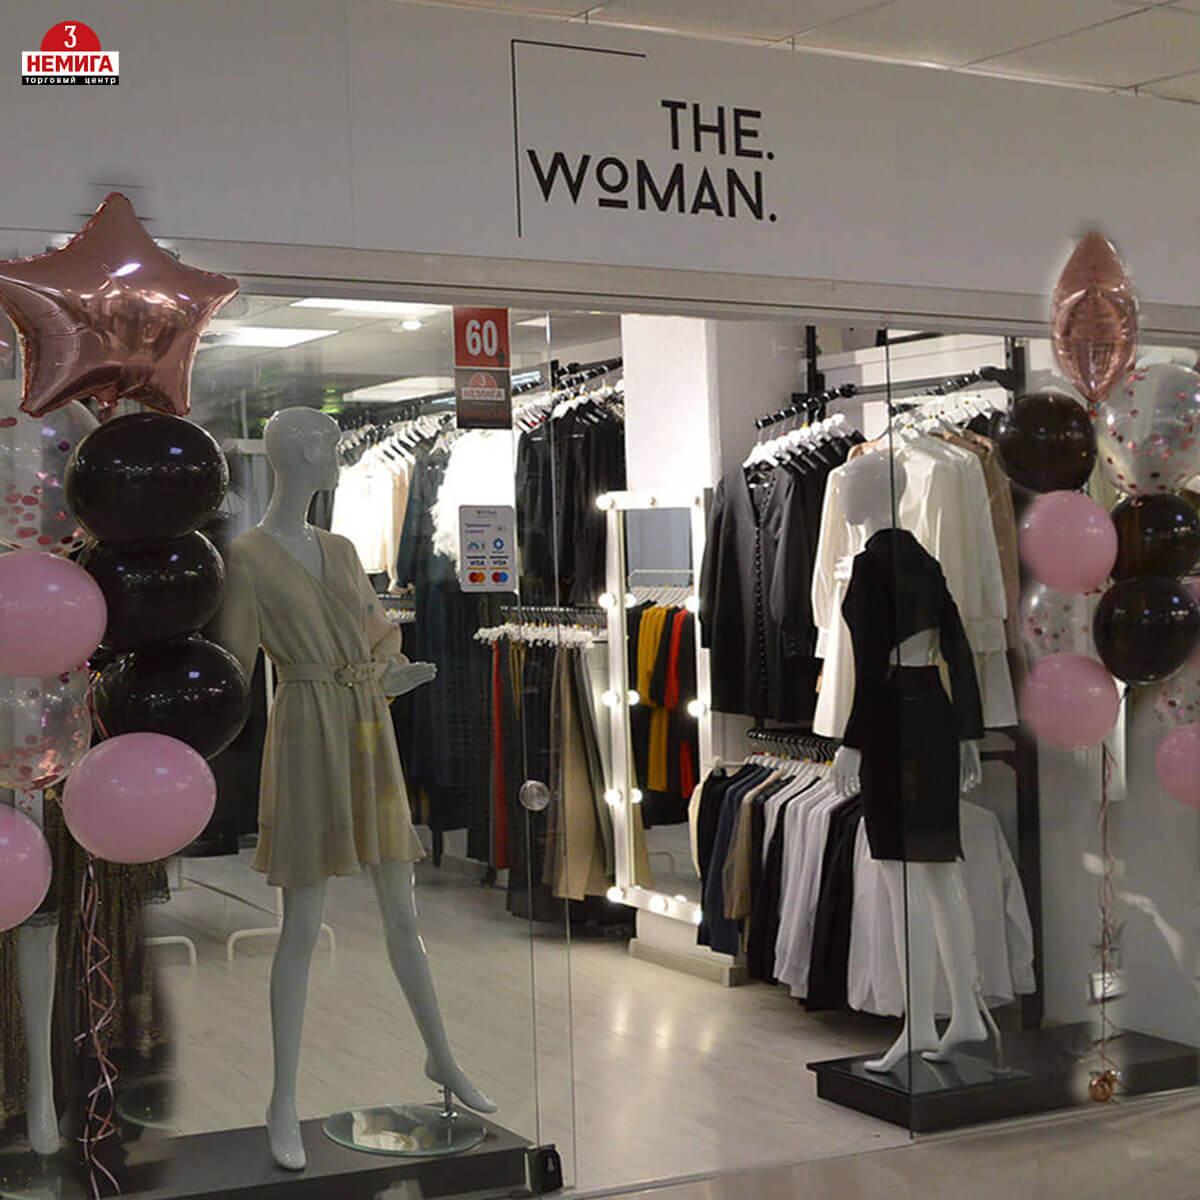 Открылся новый магазин женской одежды «The woman»